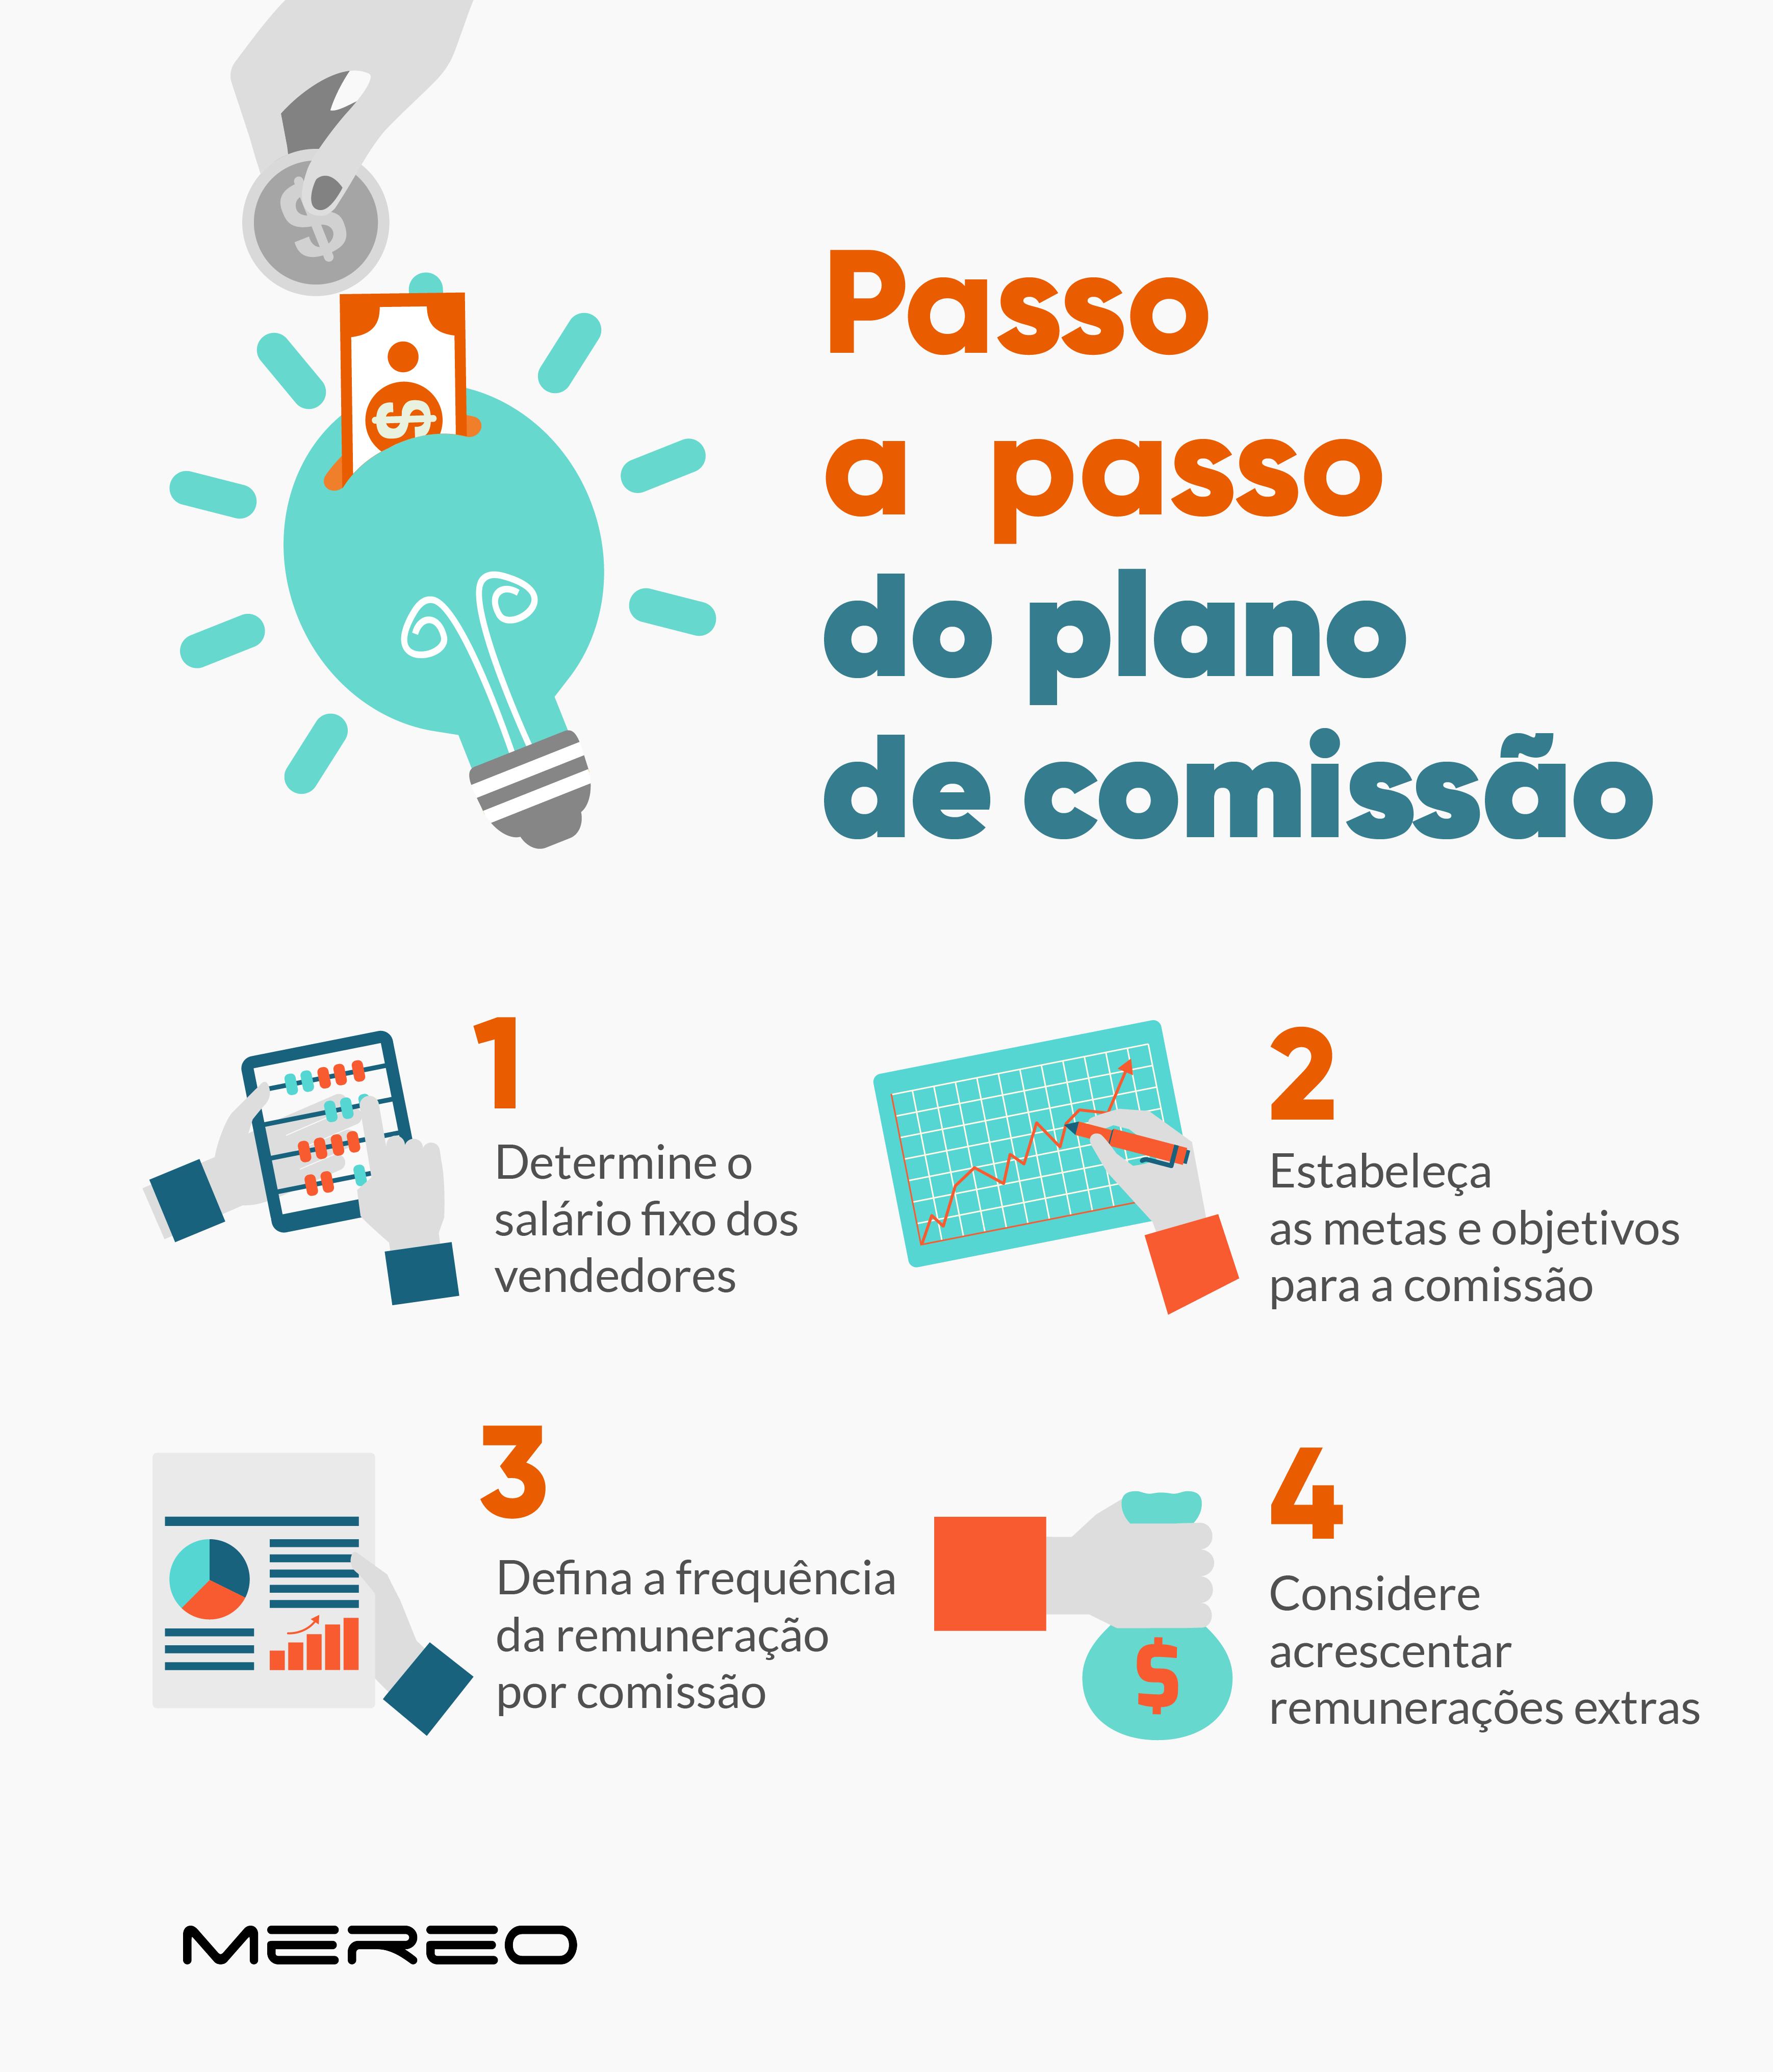 passo_a_passo_plano_de_comissao